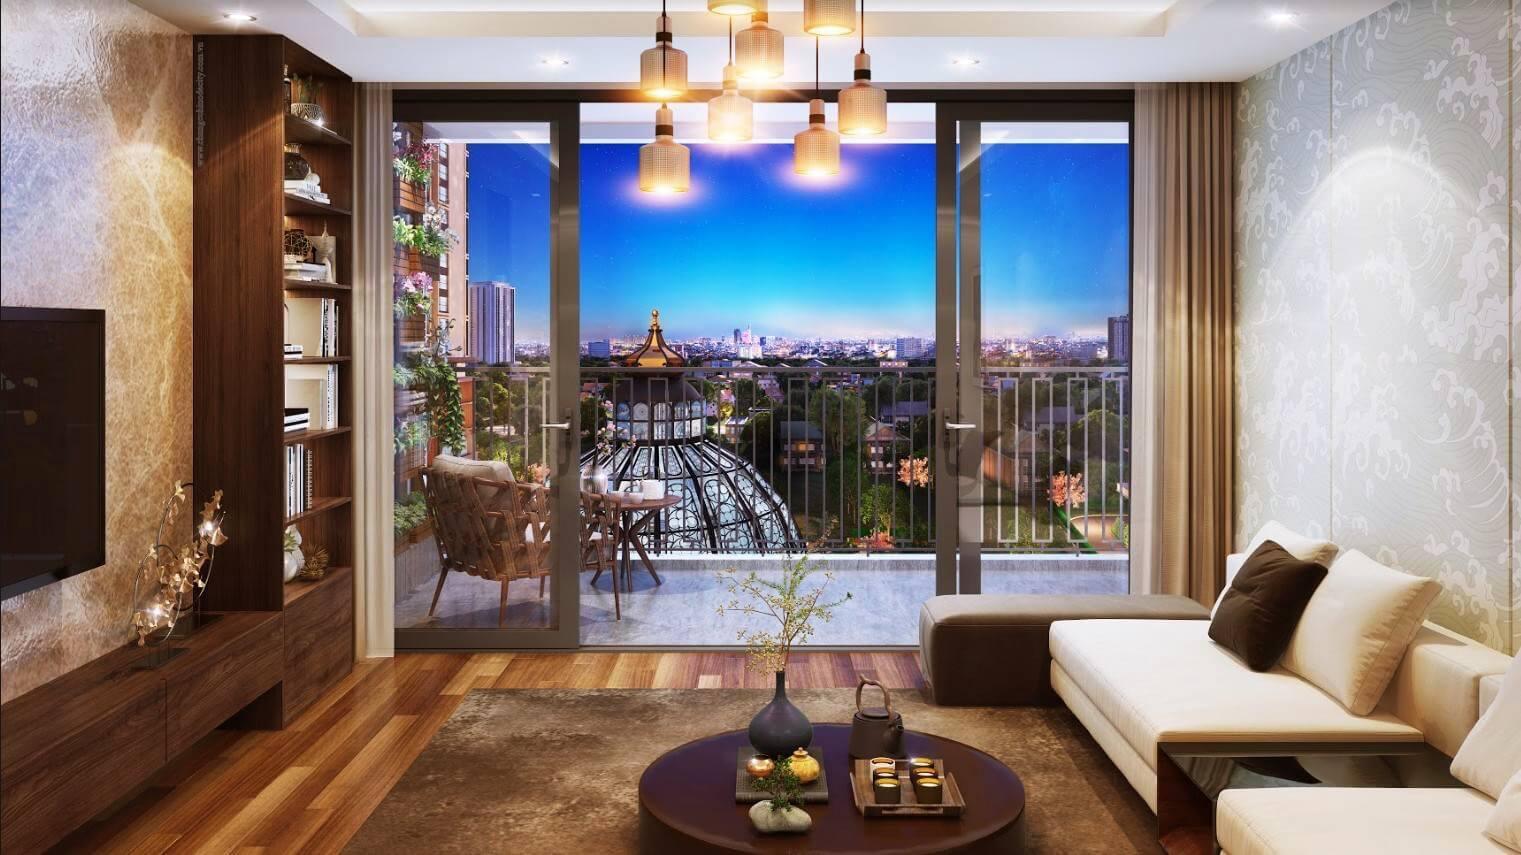 Nội thất phòng khách căn hộ chung cư 201 Minh Khai